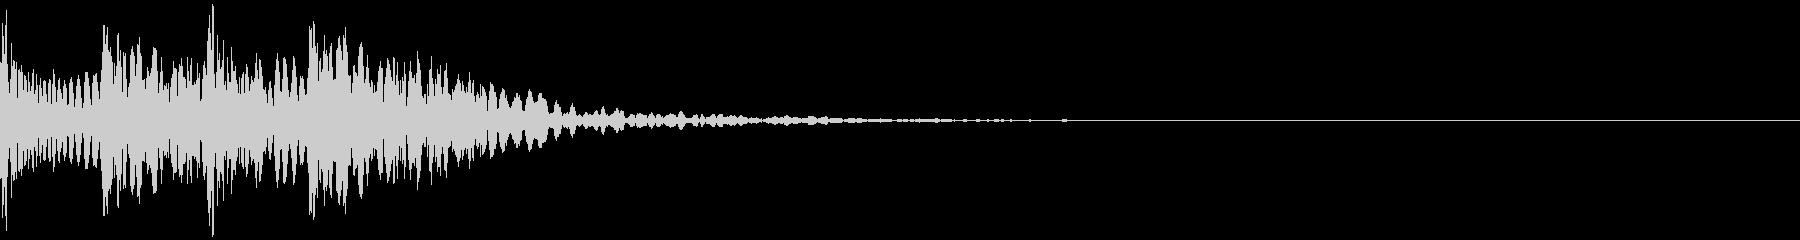 ビシボスン 残響(2連続パンチ・攻撃)の未再生の波形